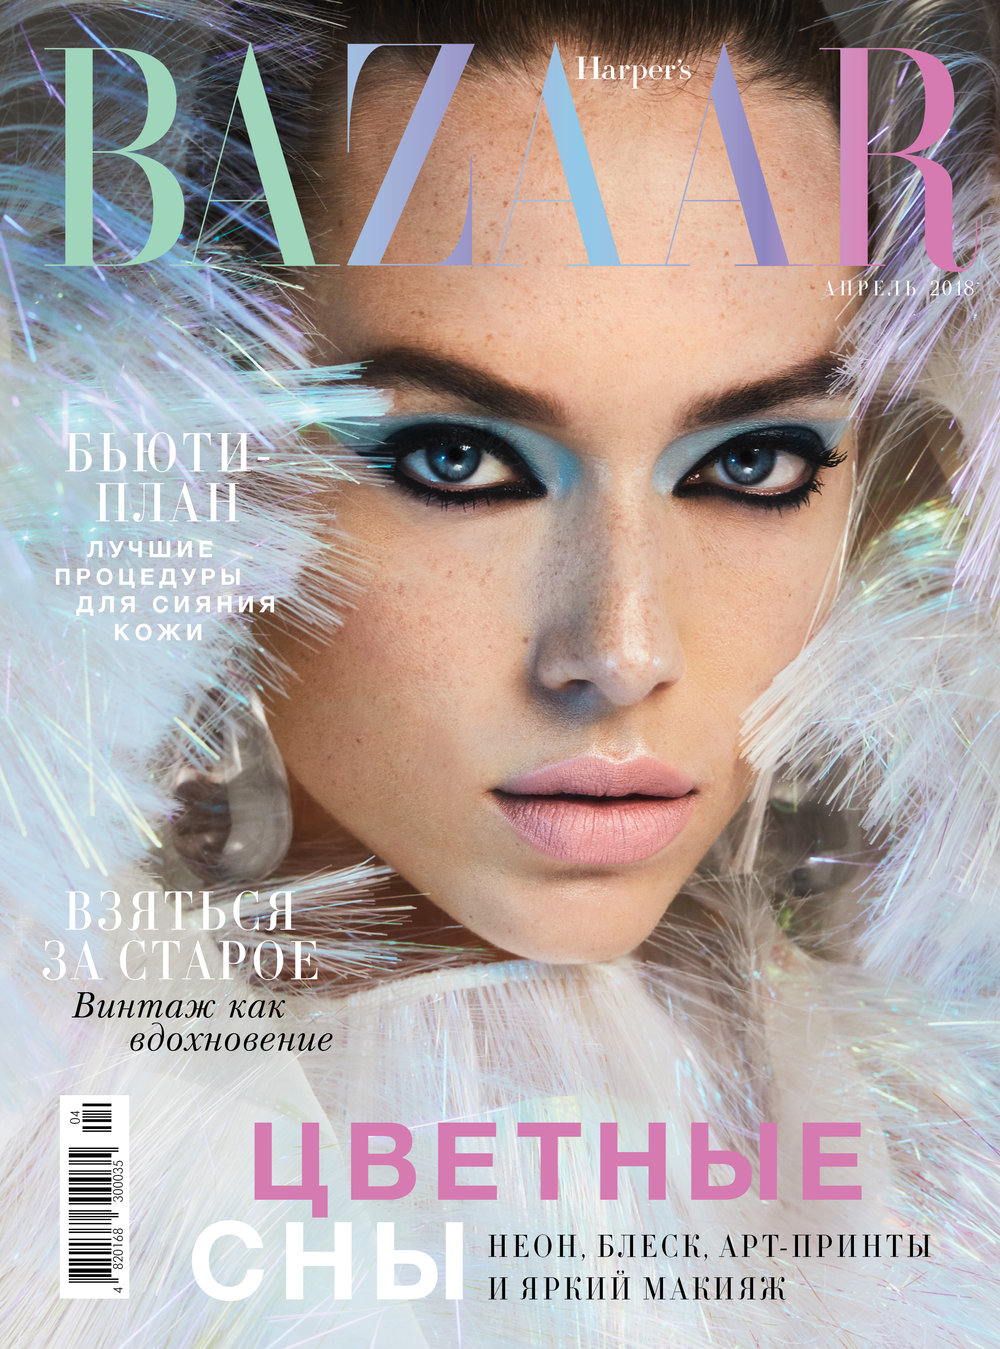 Harper's_Bazaar_Ukraine_201804_Hannah_Ferguson_Cover.jpg